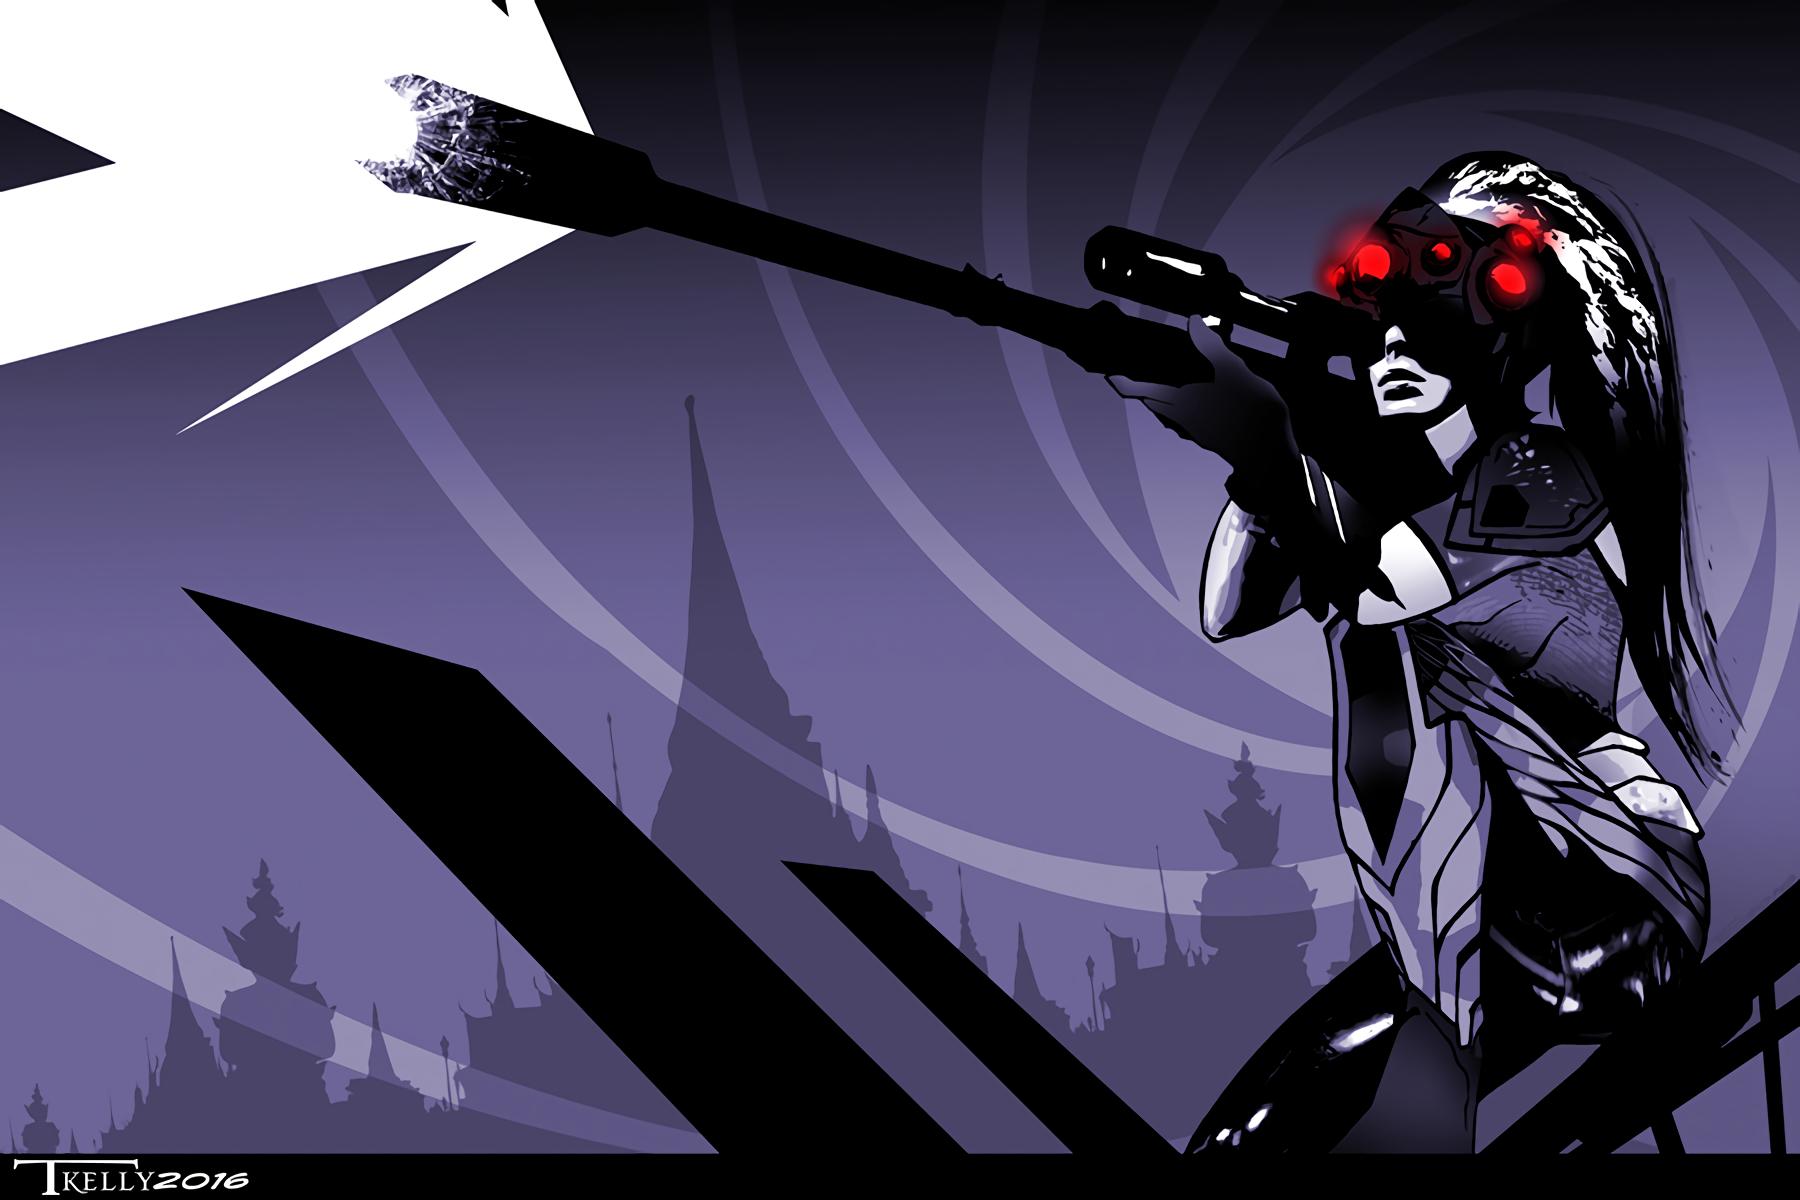 电子游戏 - 守望先锋  Widowmaker (Overwatch) 壁纸